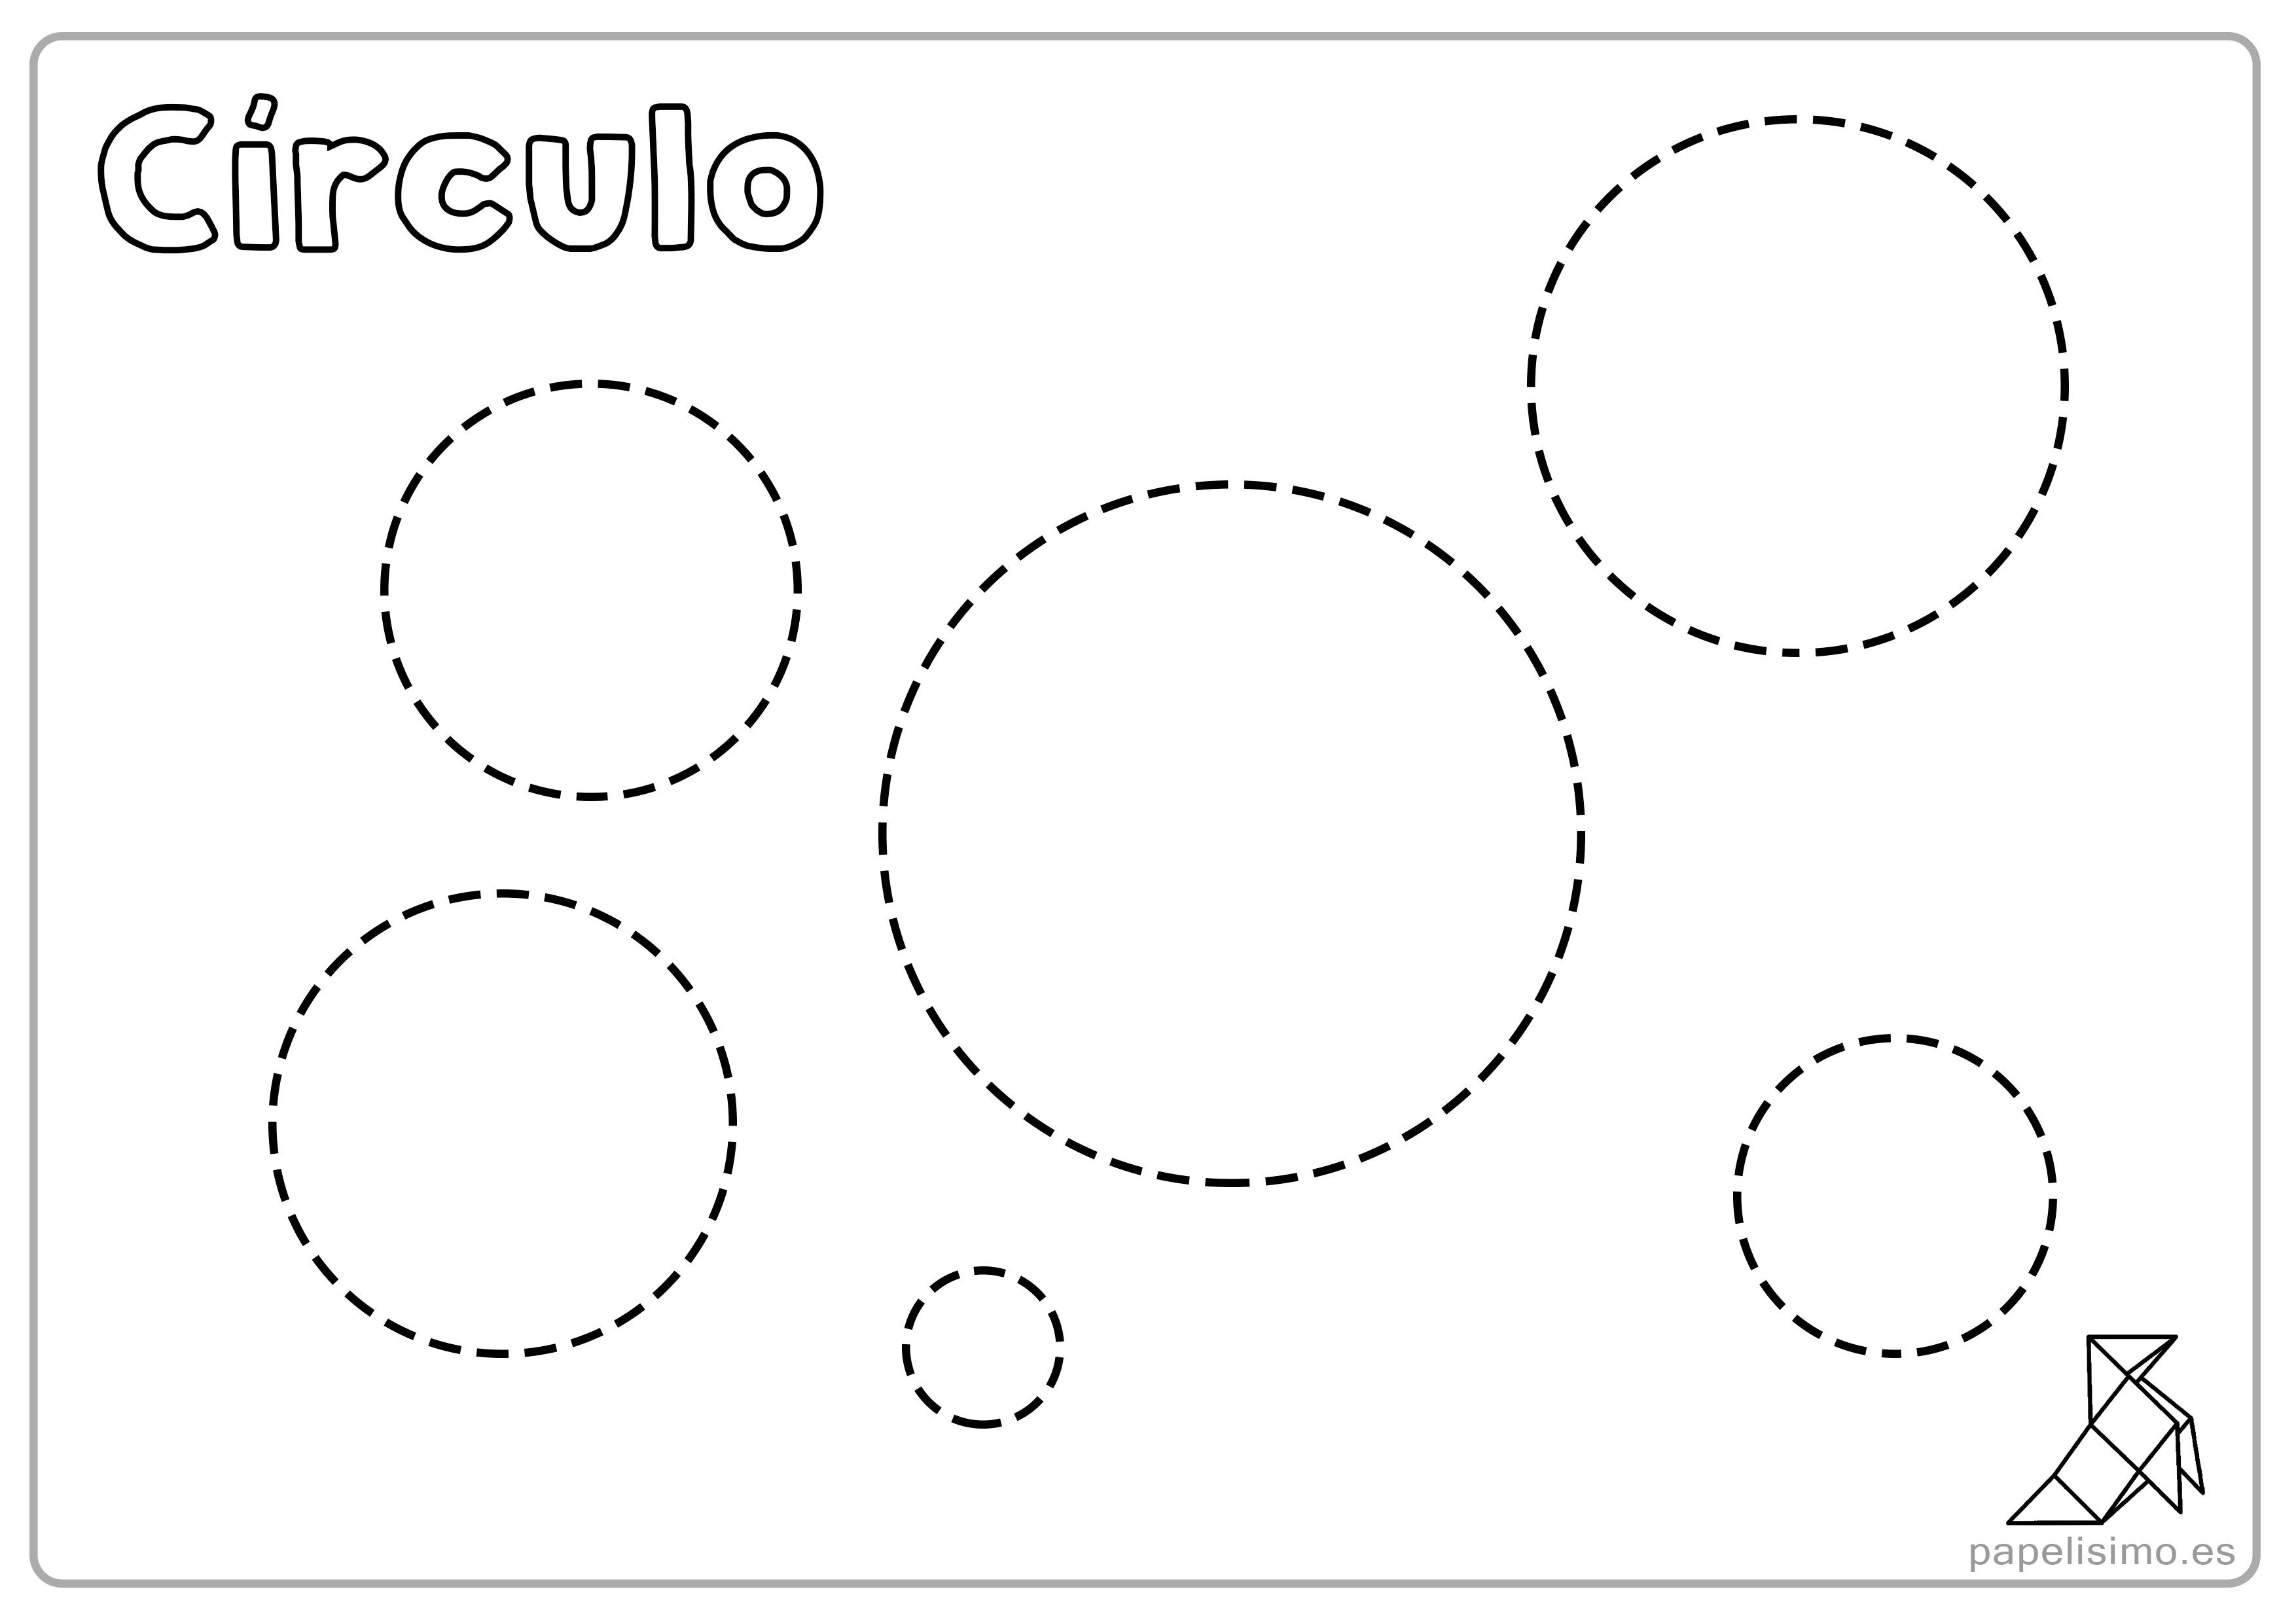 Fichas Del Abecedario Para Colorear Niños De Infantil Y: Fichas De Figuras Geométricas Para Imprimir